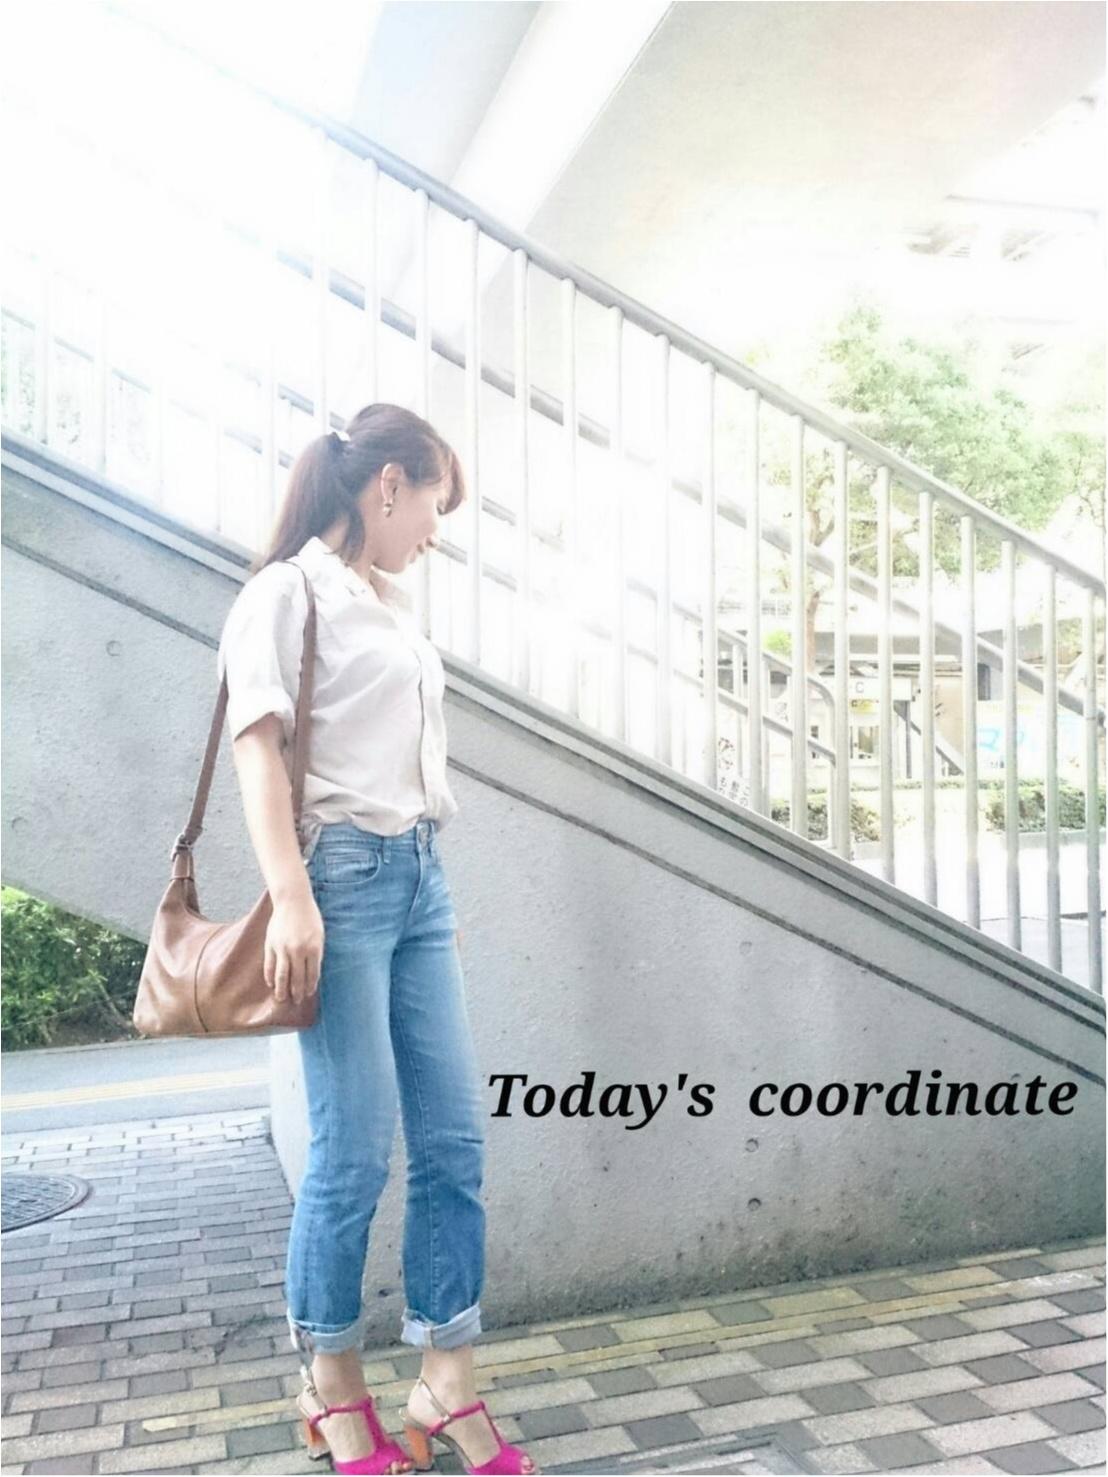 【コーディネート】カジュアルおしゃれのコツは足元にあり!隅田川花火と今日のコーデ_1